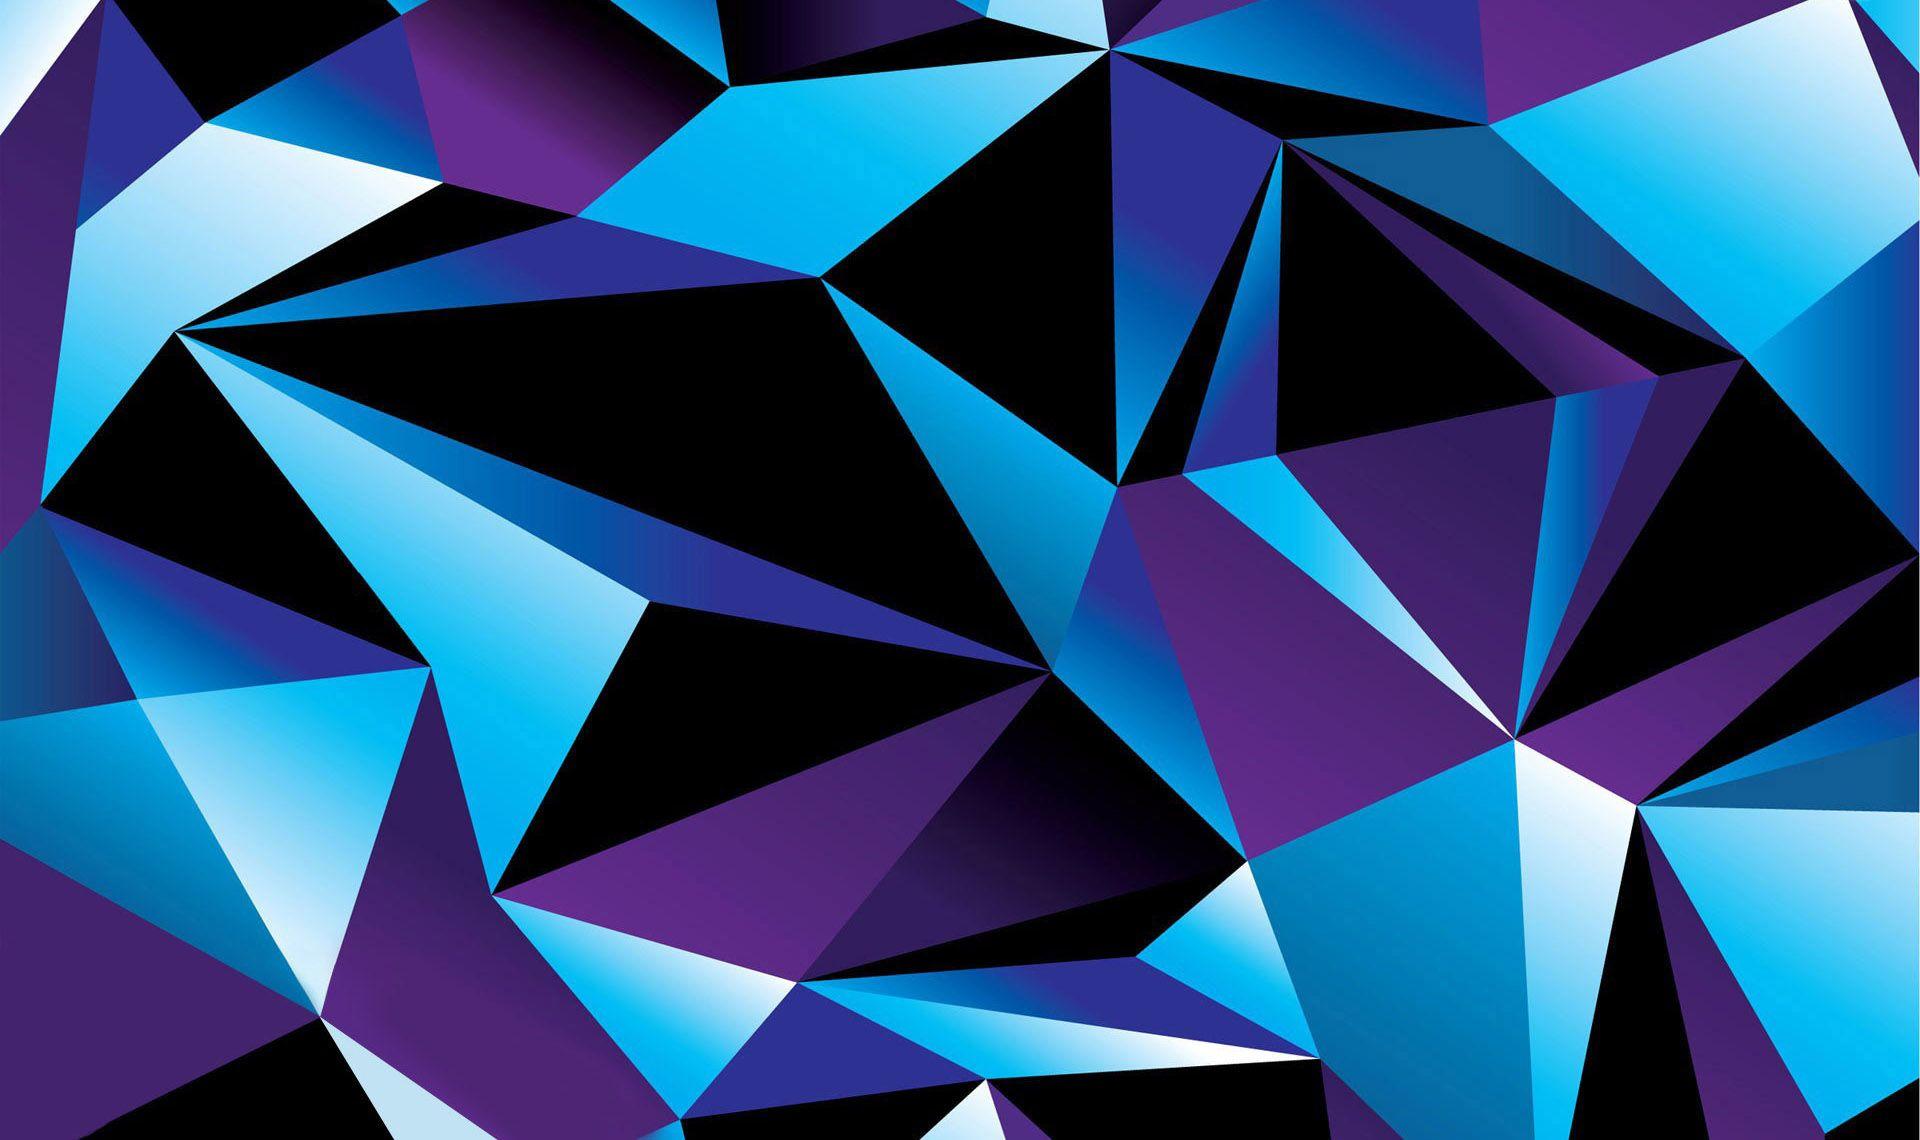 Blue Diamond Pattern Wallpaper Seni